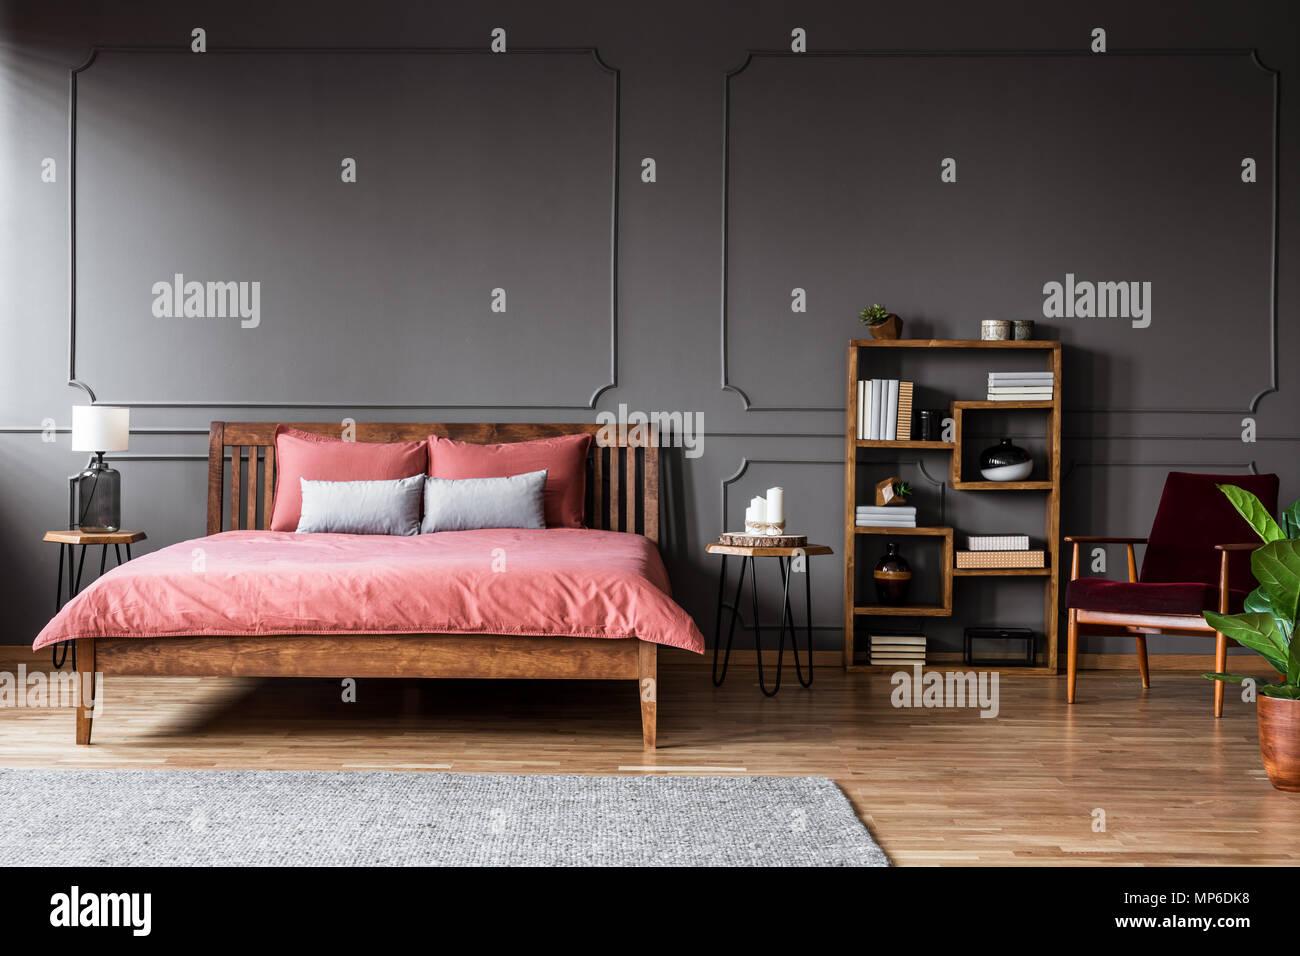 Foto reale di una camera da letto spaziosa con interni letto ...